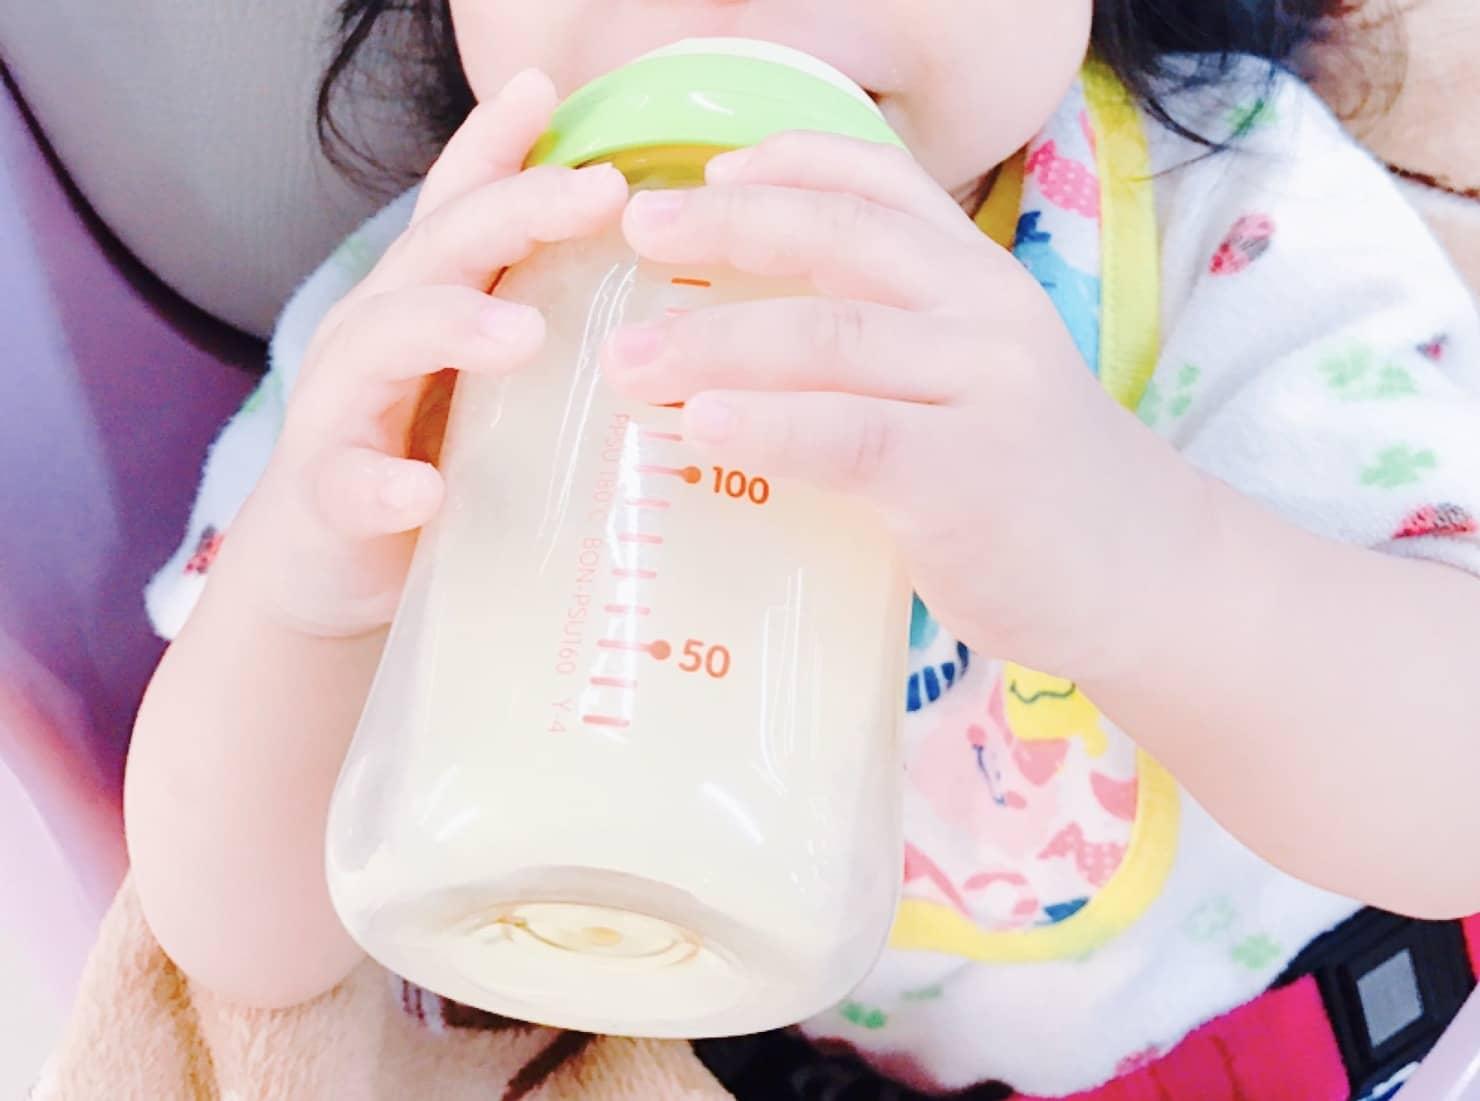 フォローアップミルクは赤ちゃんに必要? いつからいつまで飲ませる? おすすめ5選!